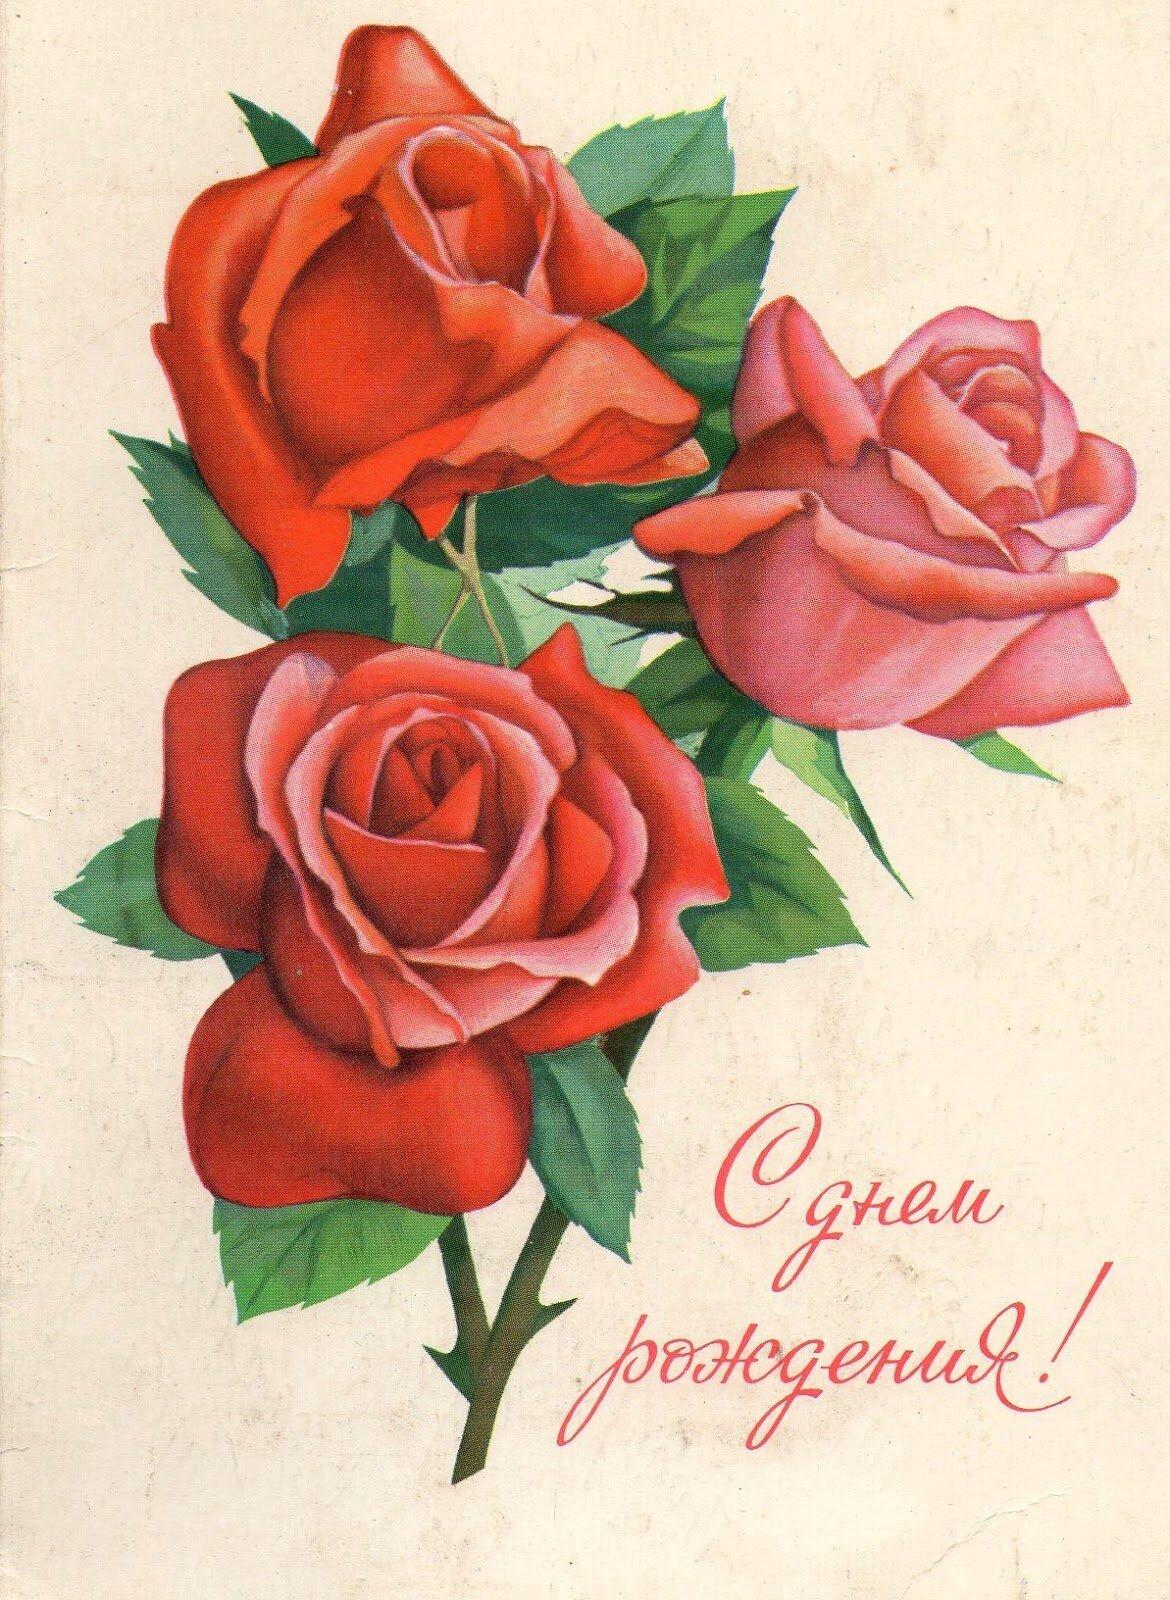 Открытка с днем рождения женщине советская